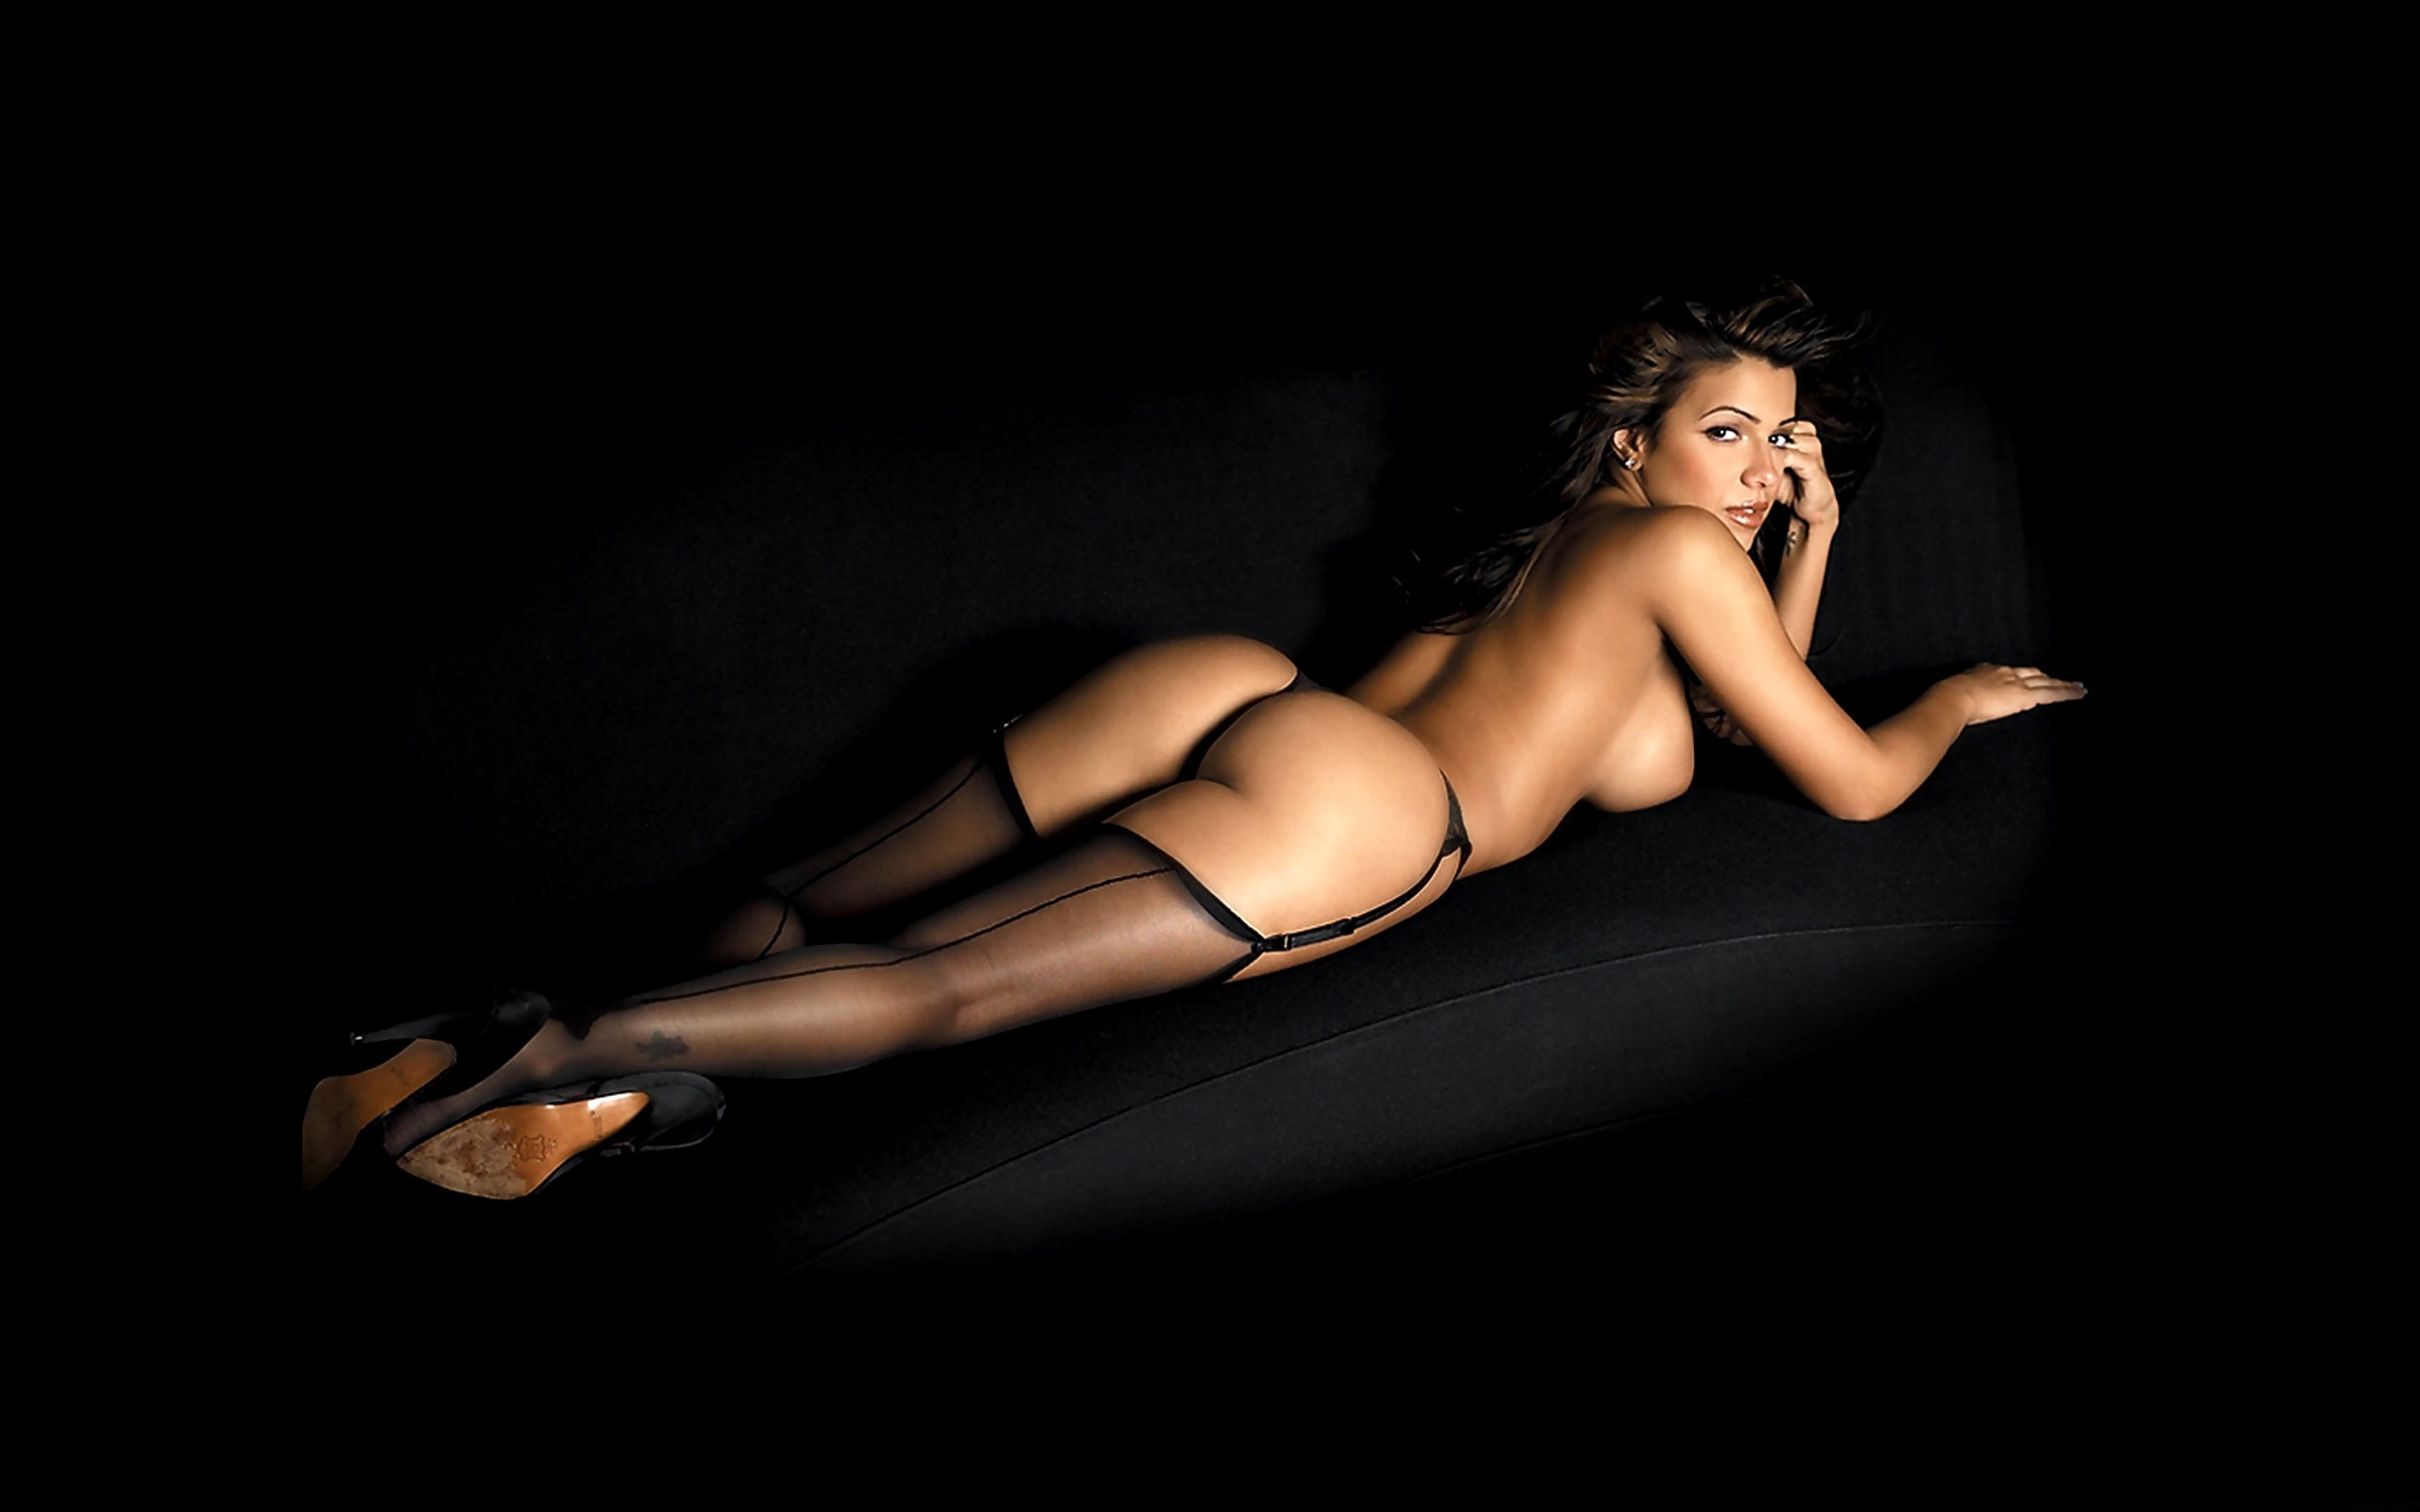 Секс с высокой моделью 1 фотография